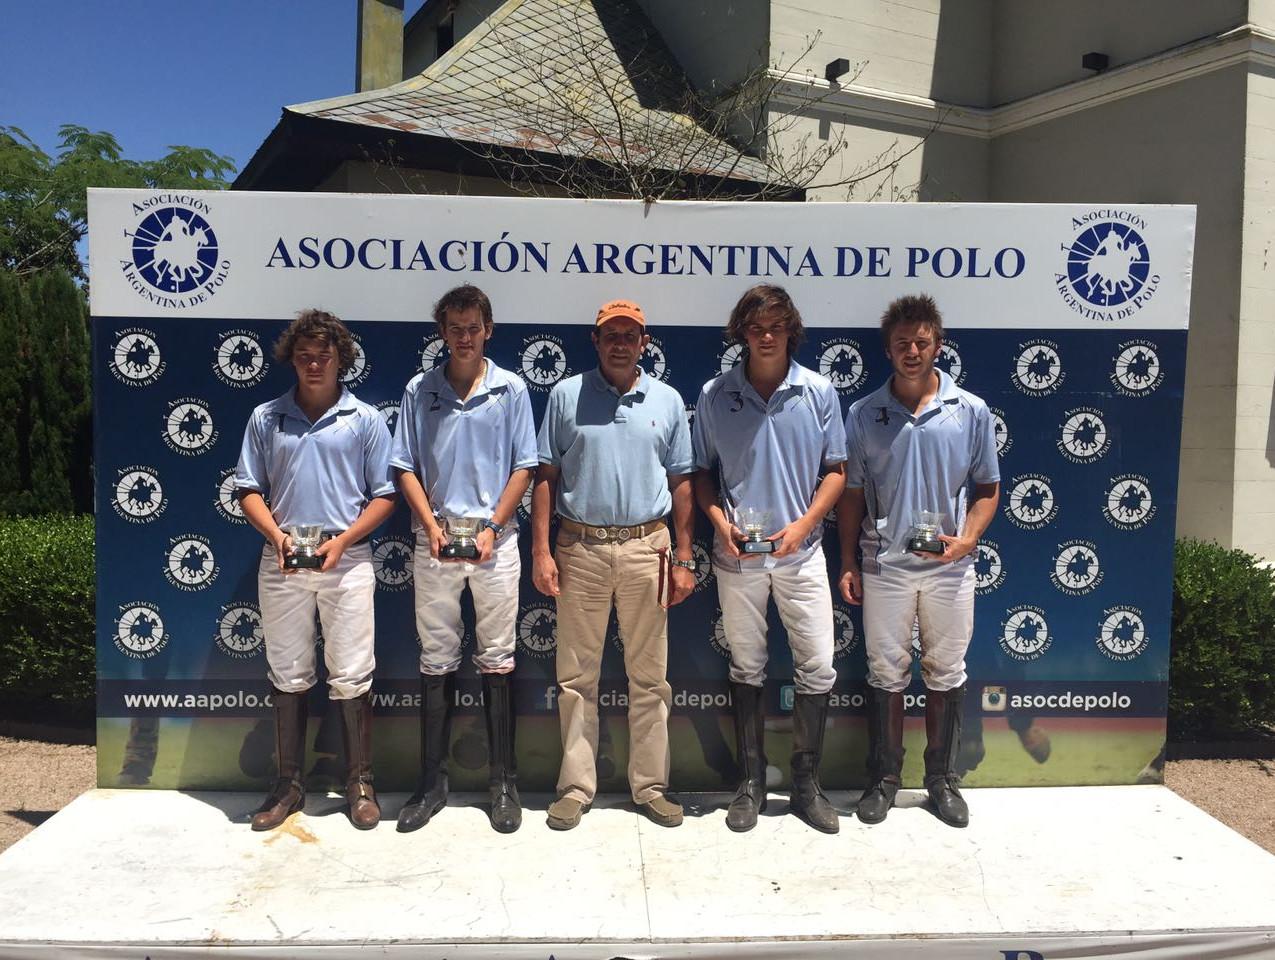 Copa Primavera 2016 - Pilarchico - Handicap